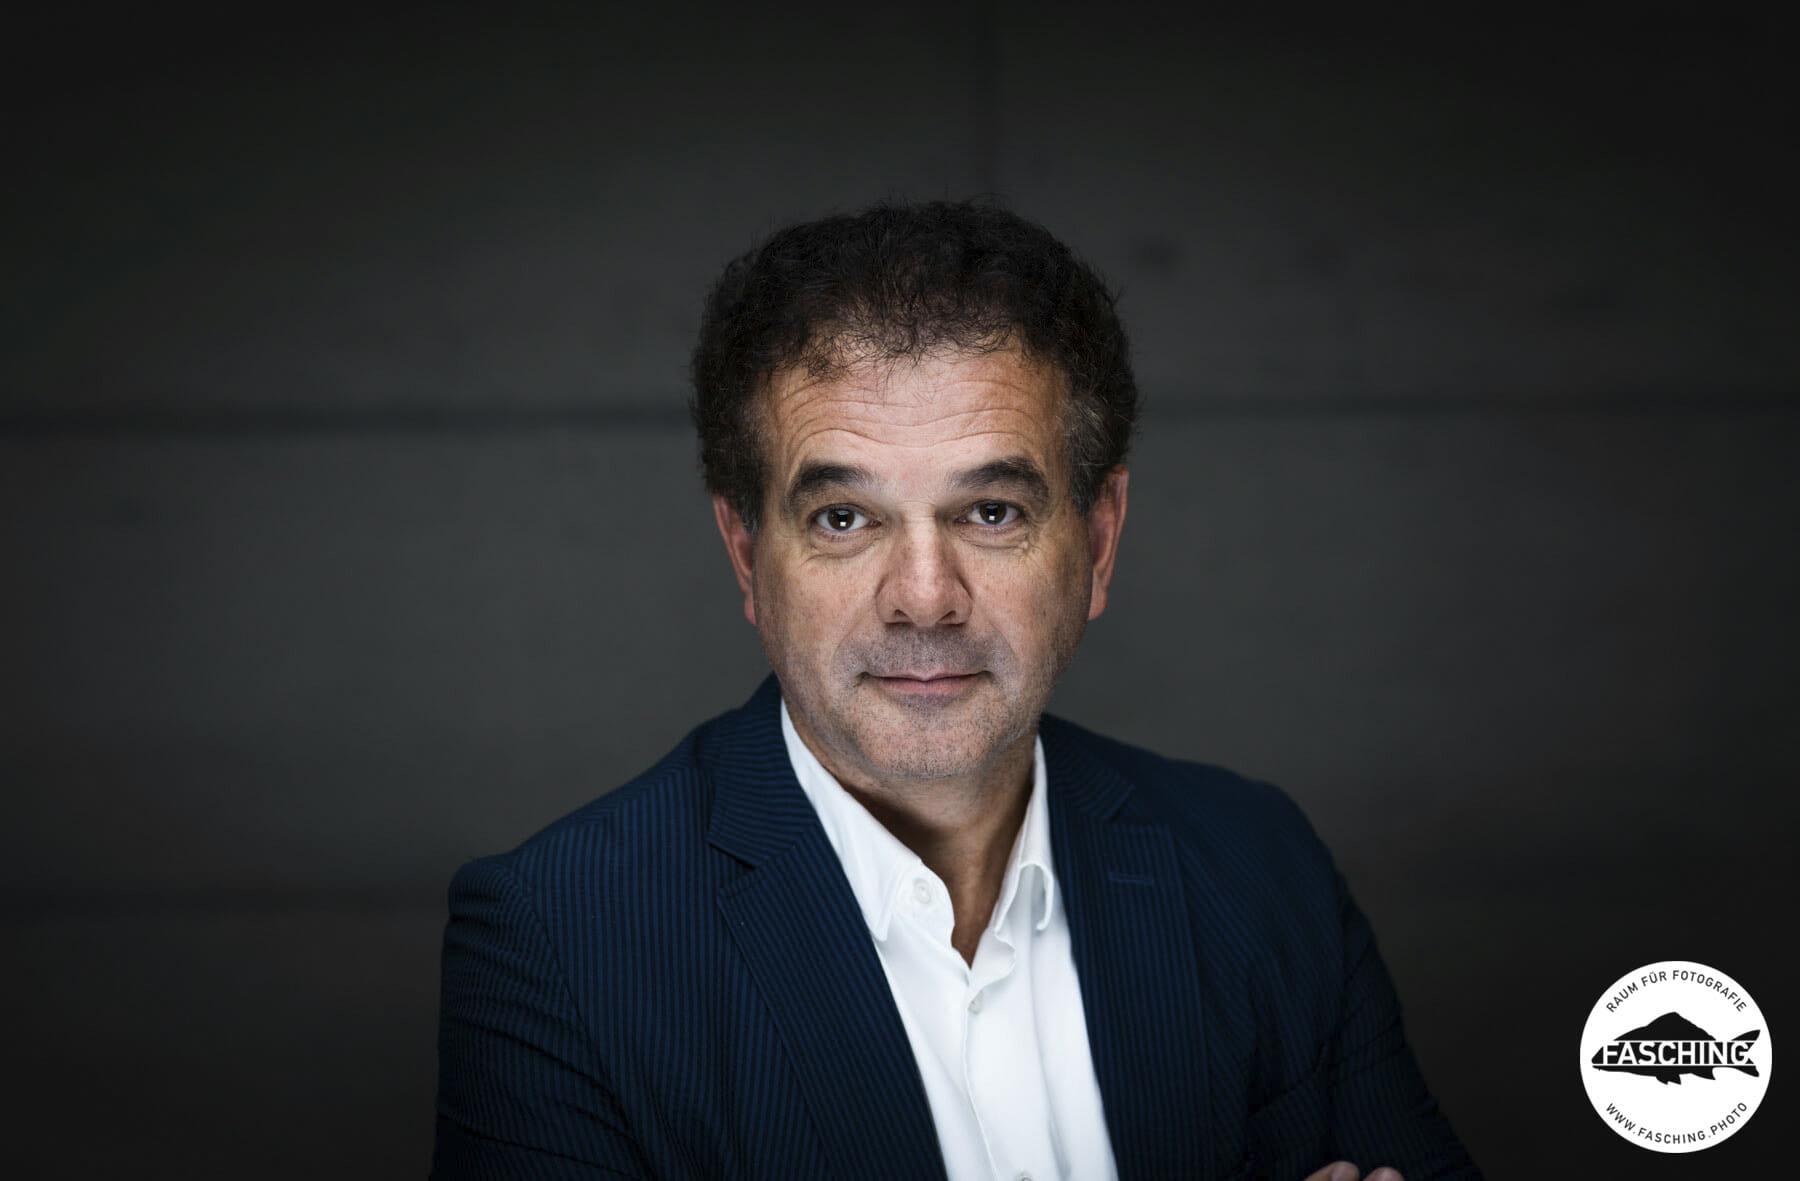 Dr. Christoph Jenny Businessportrait fotografiert von dem vorarlberger Fotograf Luca Fasching für die Vorarlberger Wirtschaftskammer